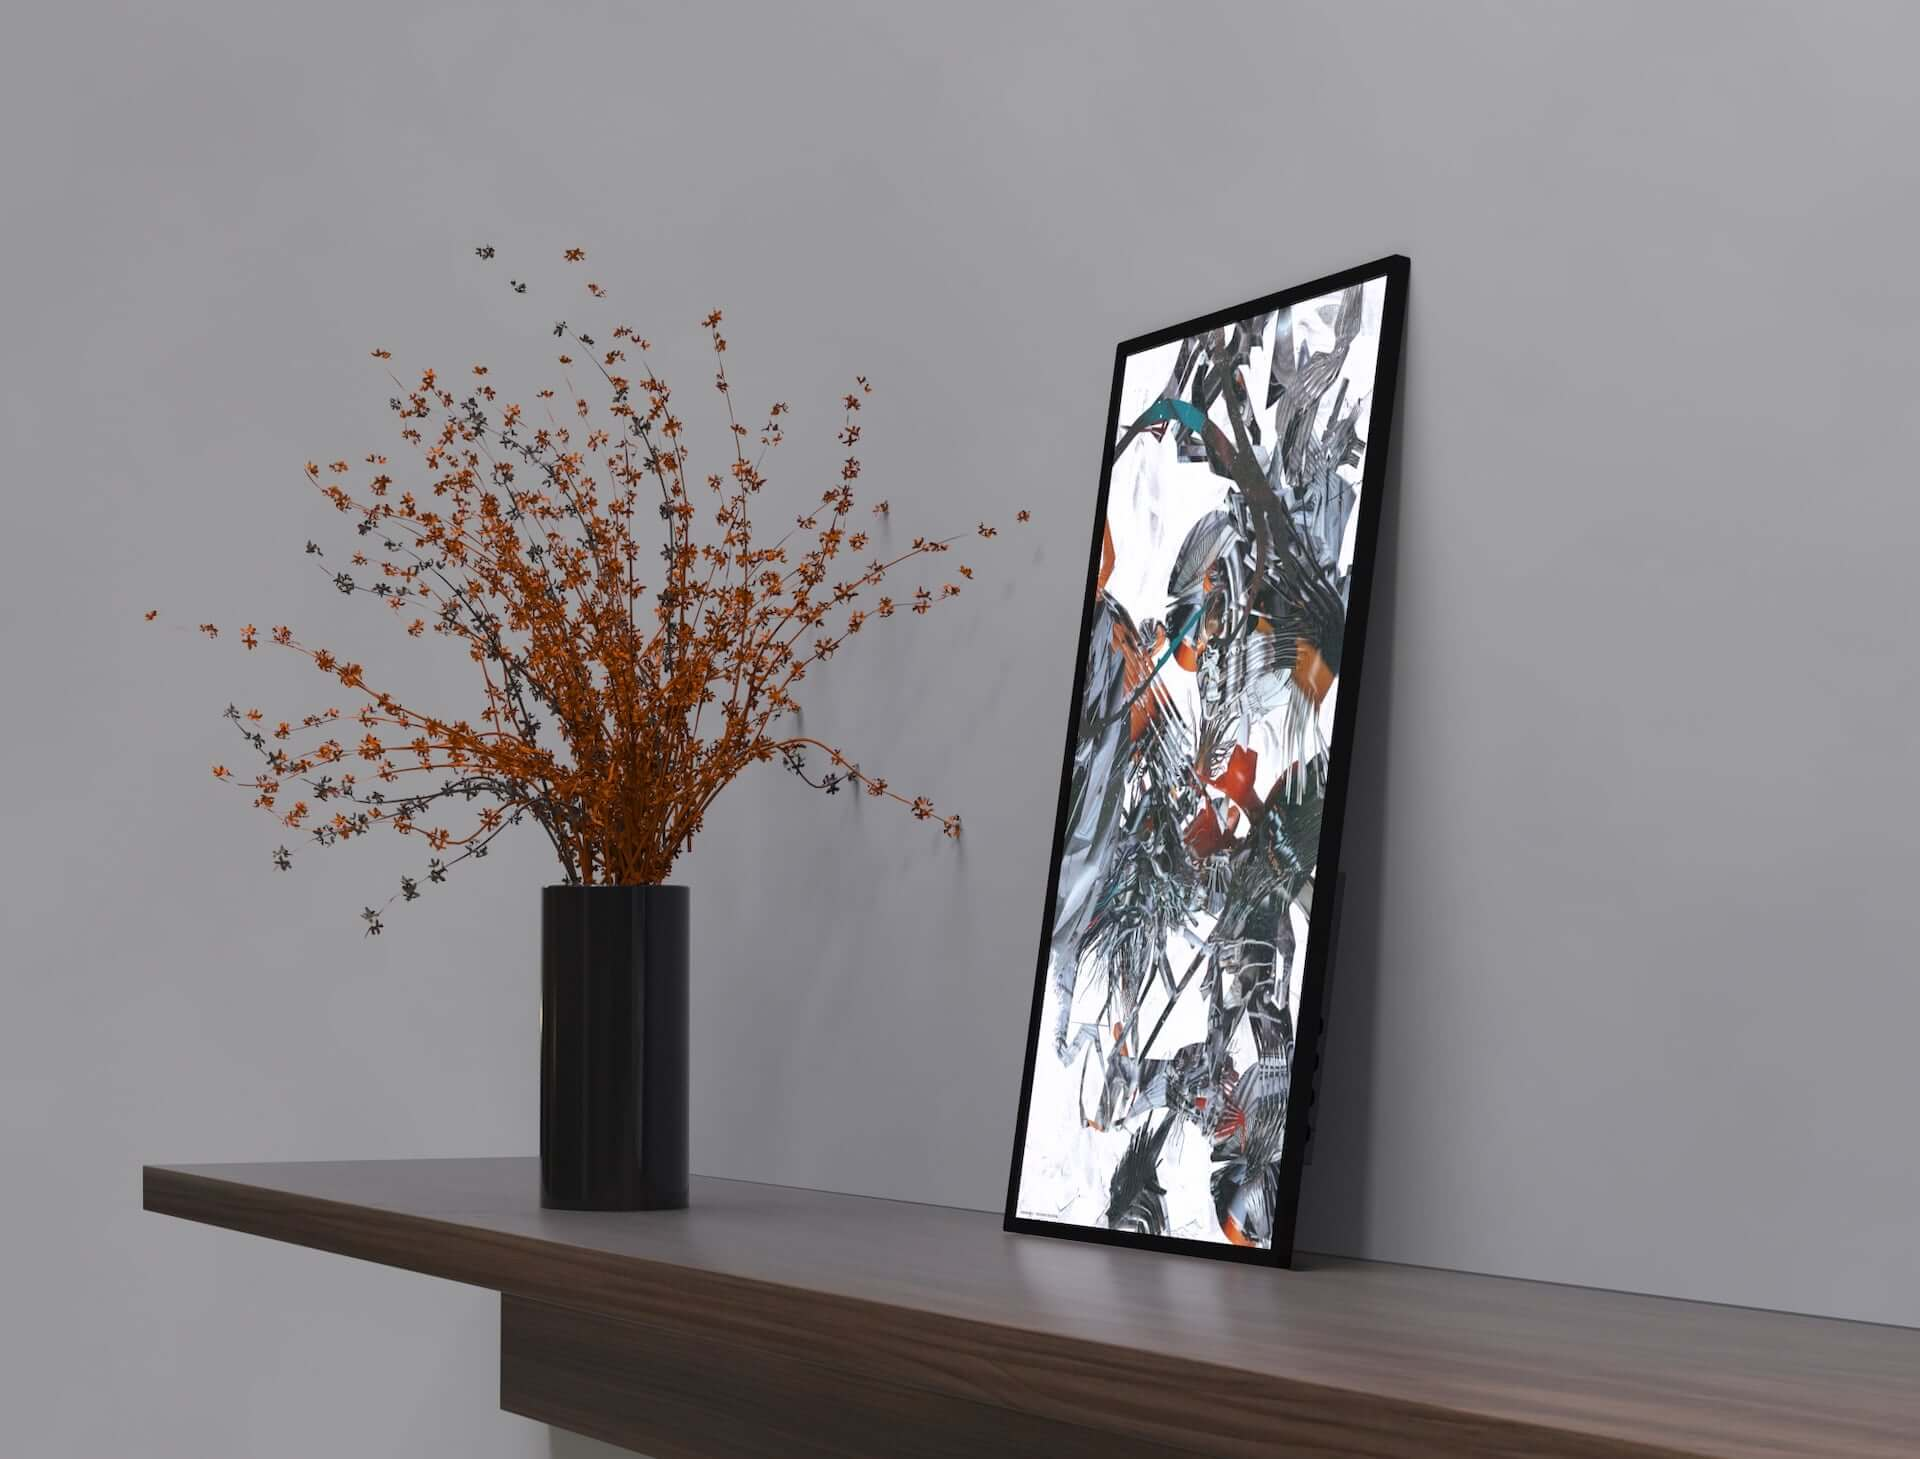 オンラインギャラリーの作品も投影できるデジタルアートフレーム『Mono X7』の予約販売が開始!YOSHIROTTENのコメントも tech200831_mono-x7_3-1920x1459